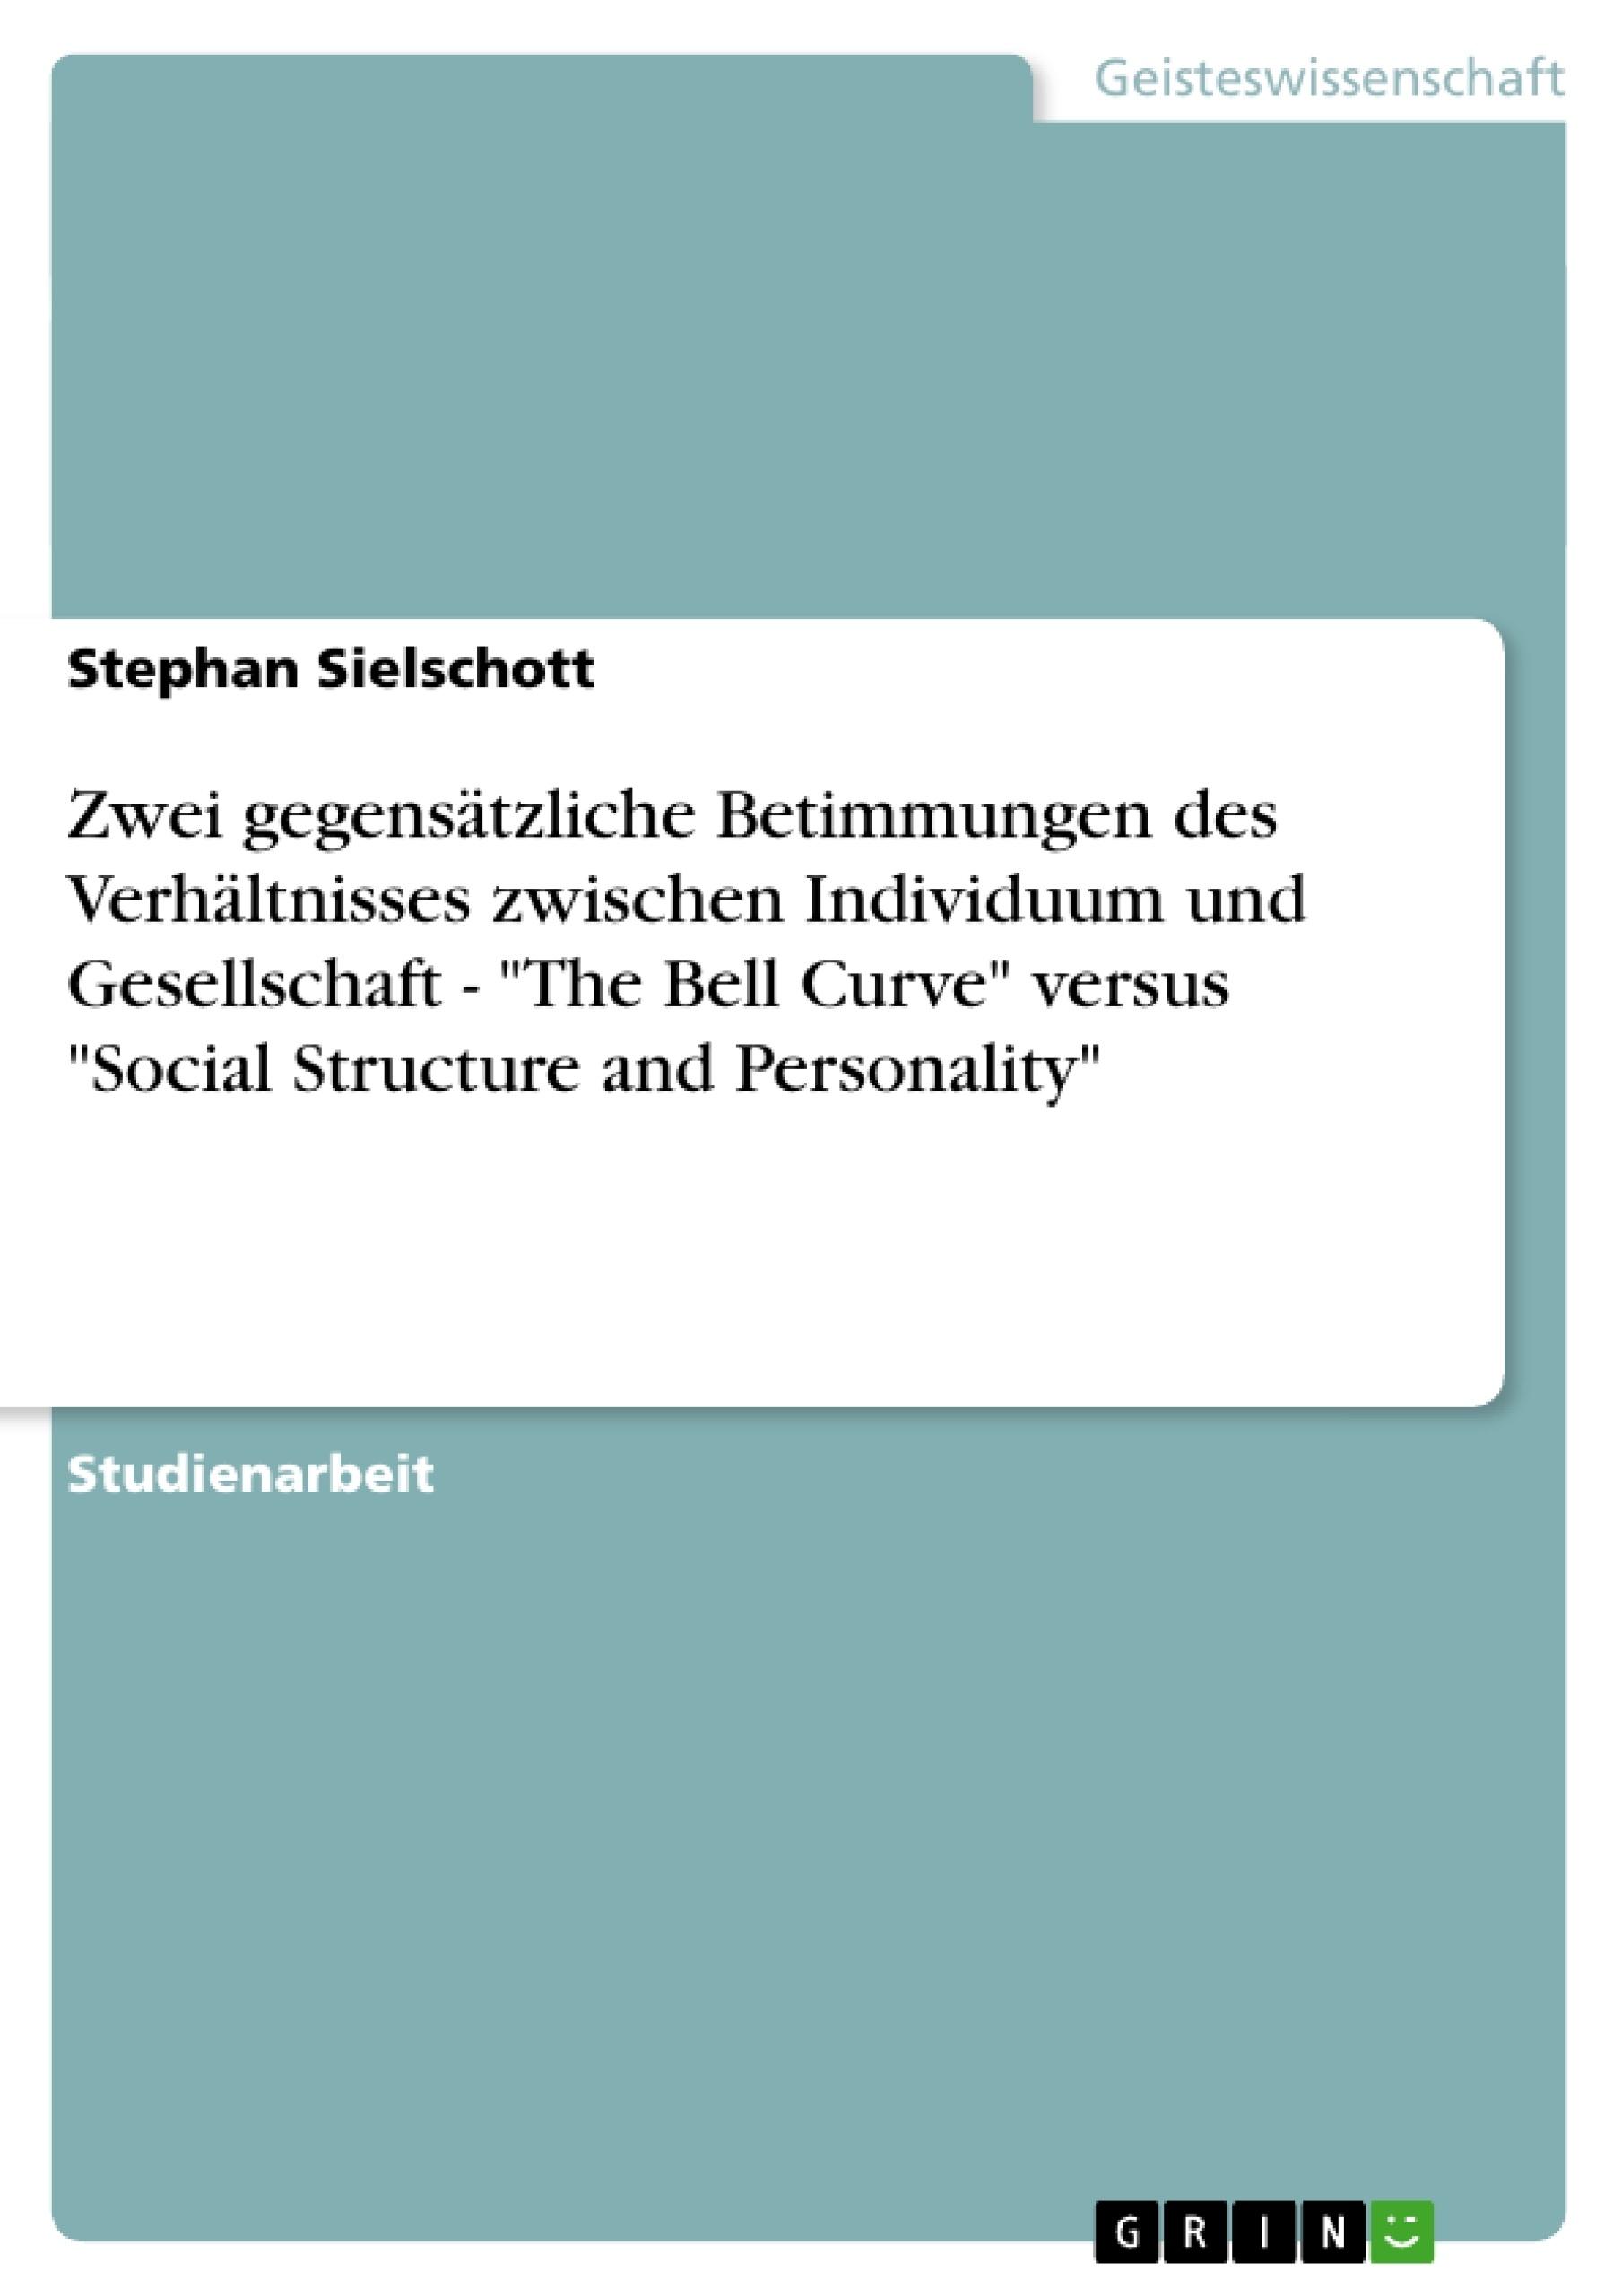 """Titel: Zwei gegensätzliche Betimmungen des Verhältnisses zwischen Individuum und Gesellschaft - """"The Bell Curve"""" versus """"Social Structure and Personality"""""""